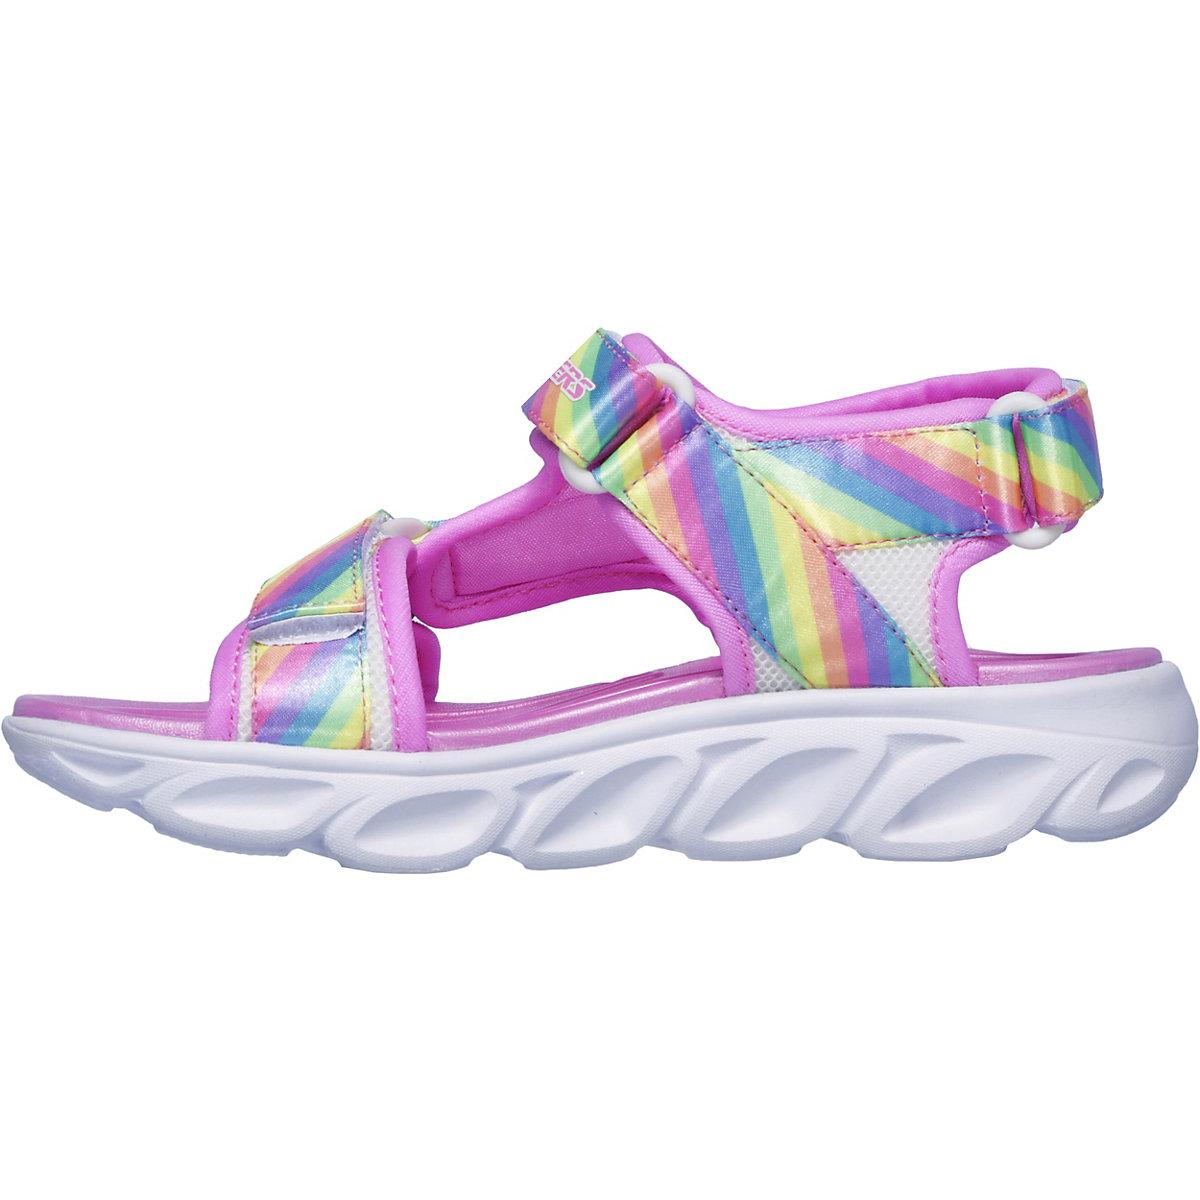 Skechers, Sandalen Blinkies Hypno-splash Für Mädchen, Pink